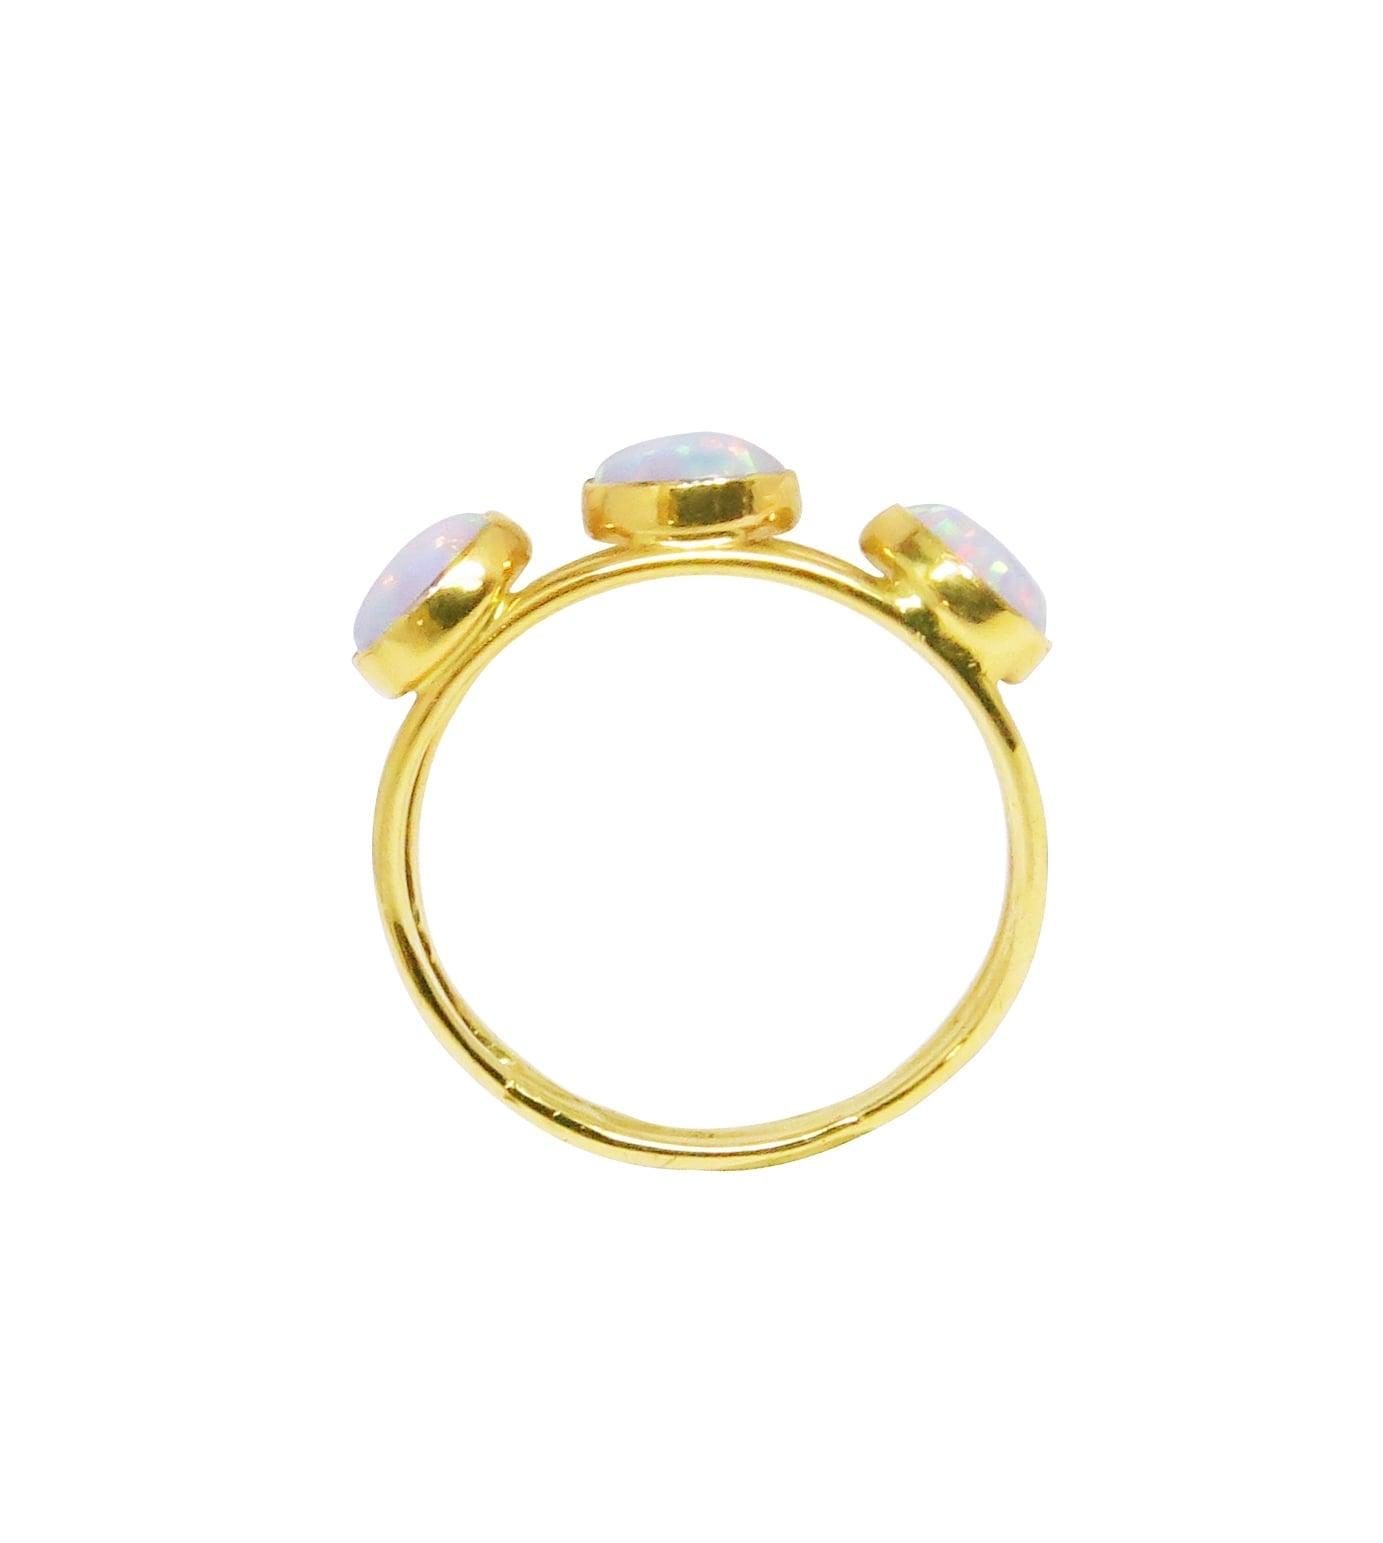 טבעת אופל לבנה בזהב צהוב 14 קאראט